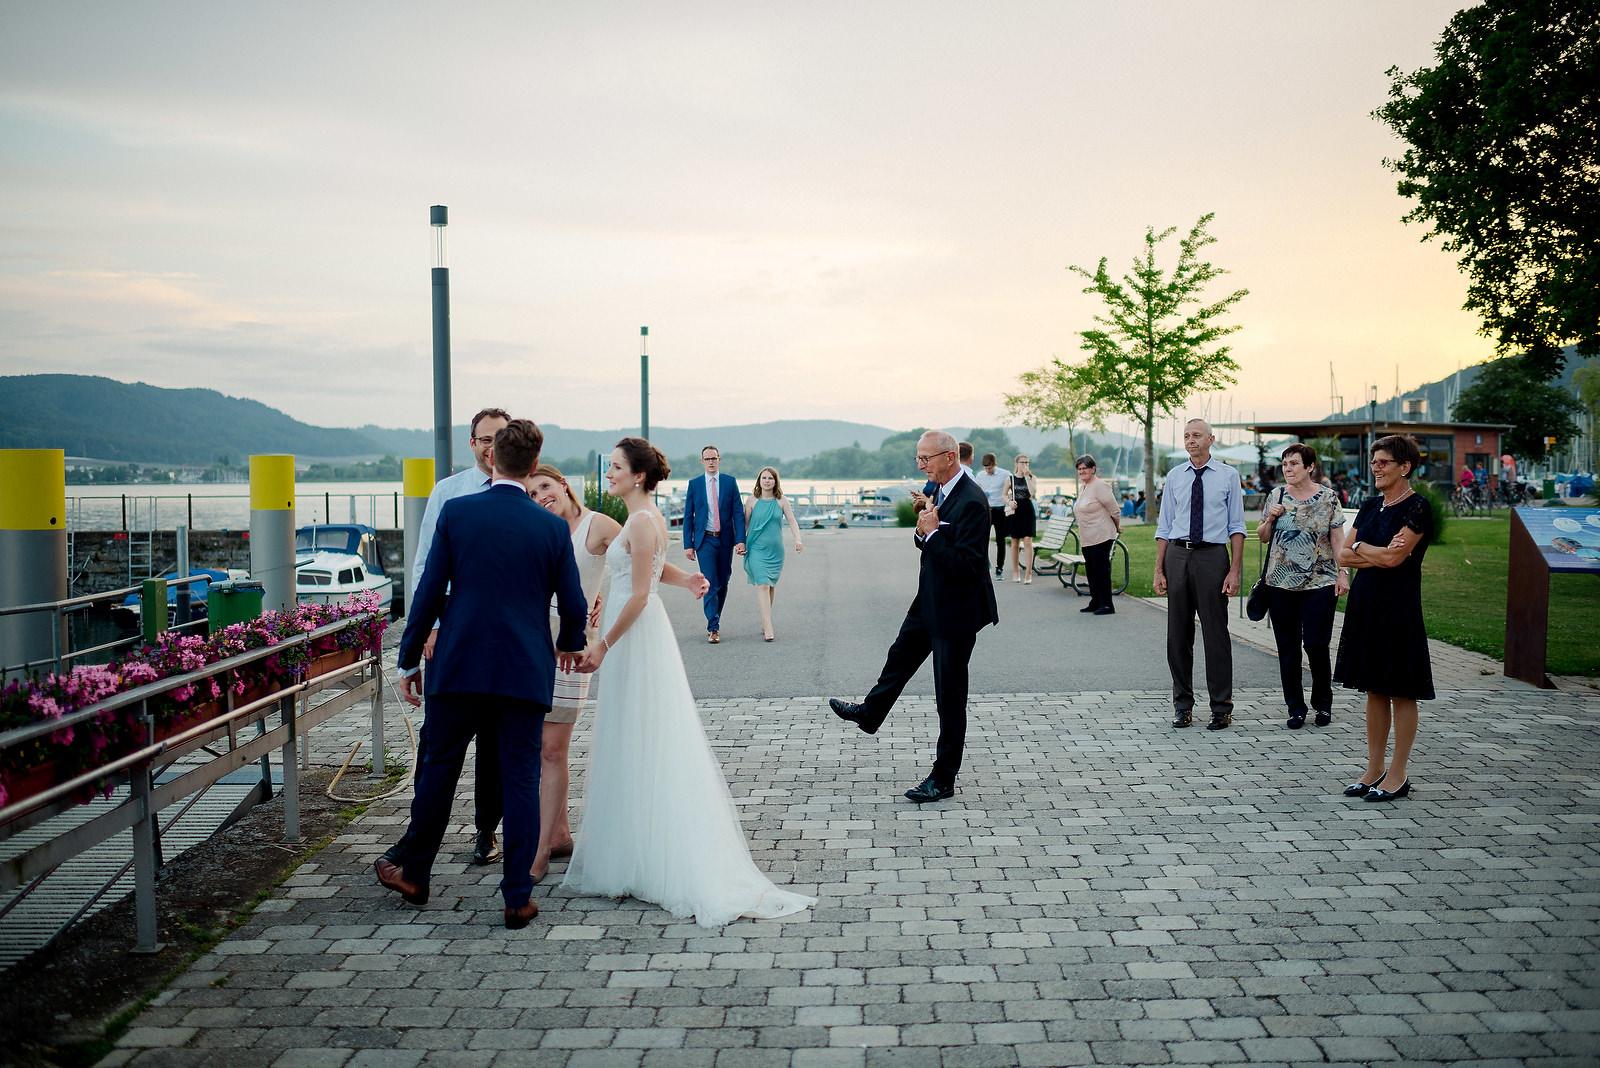 Fotograf Konstanz - Hochzeitsfotograf Bodensee Zollhaus Ludwigshafen Hochzeit Konstanz EFP 124 - Hochzeitsreportage im Zollhaus in Bodman-Ludwigshafen, Bodensee  - 230 -